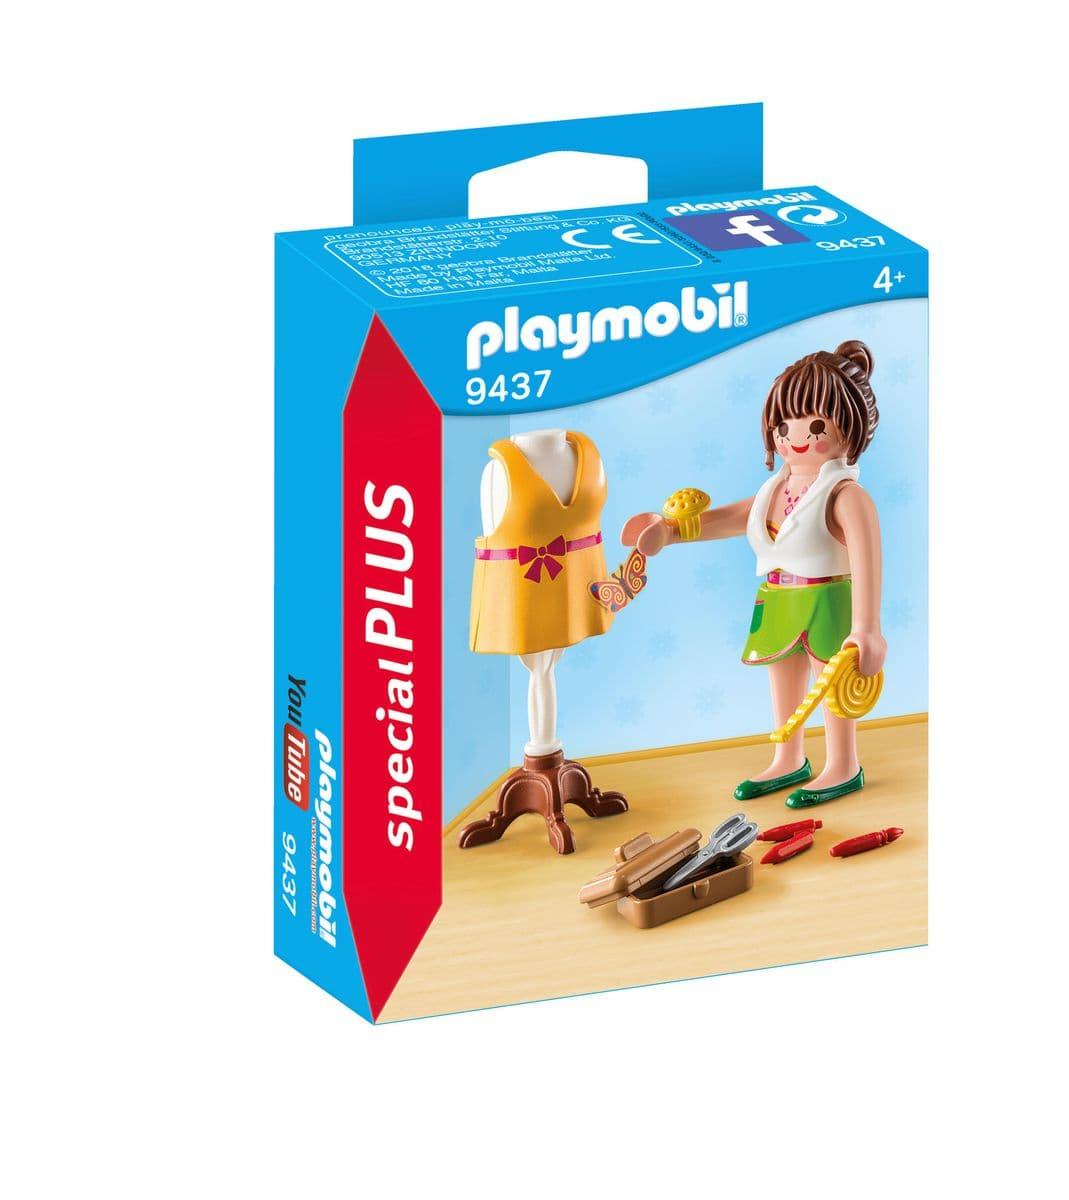 Playmobil Styliste